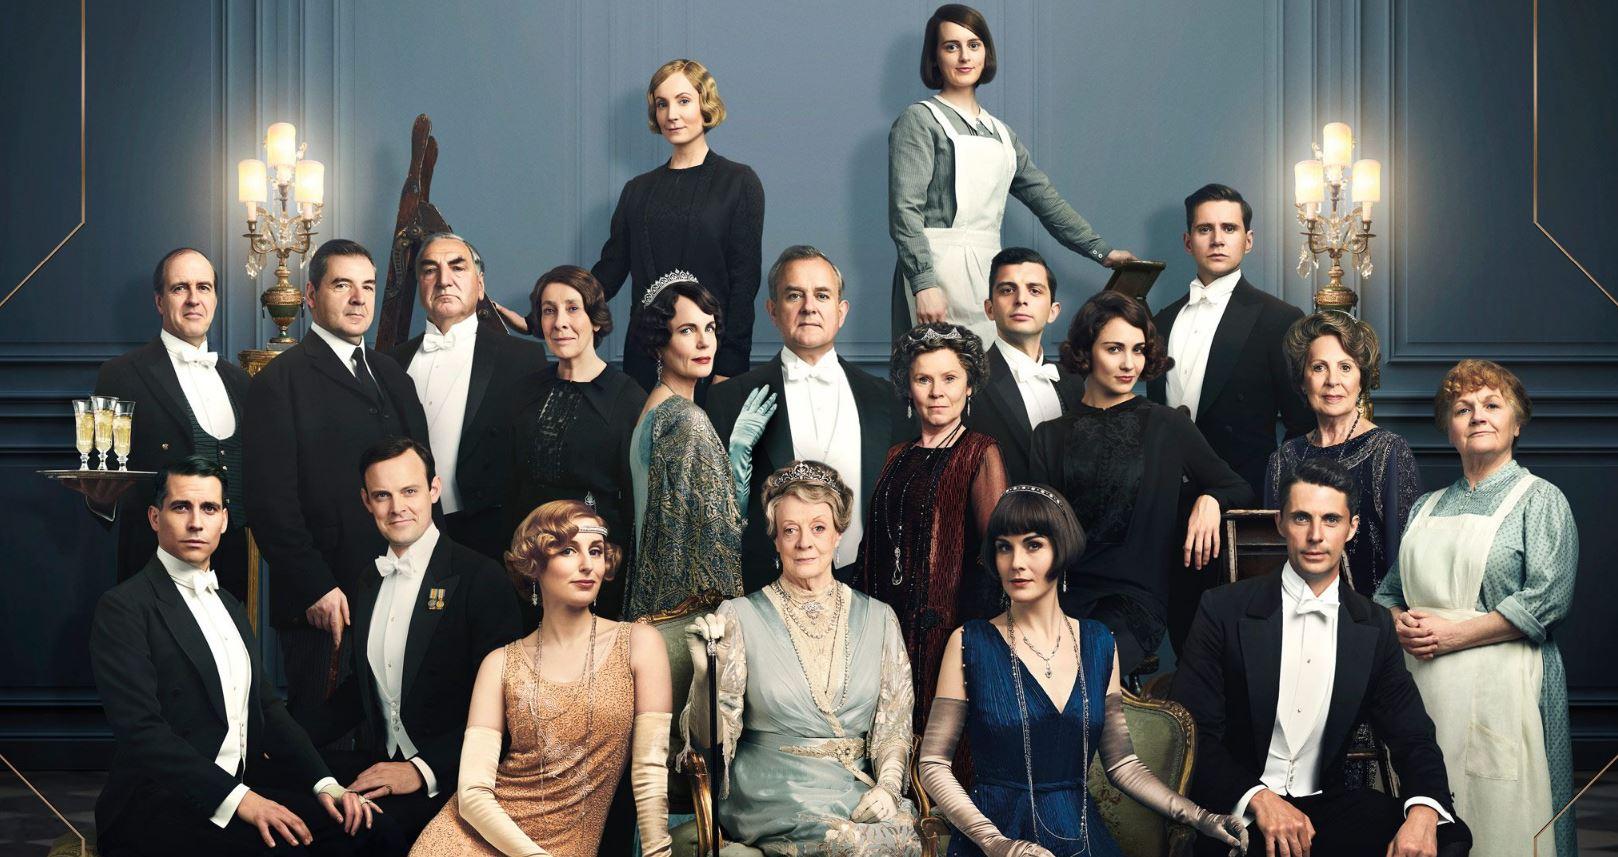 Megnyílt az első Downton Abbey-ihlette szabadulószoba